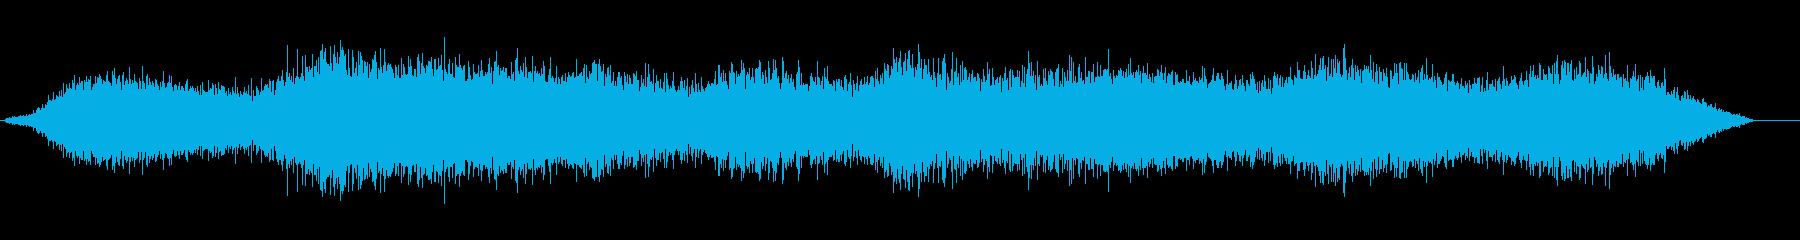 お化け屋敷の雰囲気の再生済みの波形